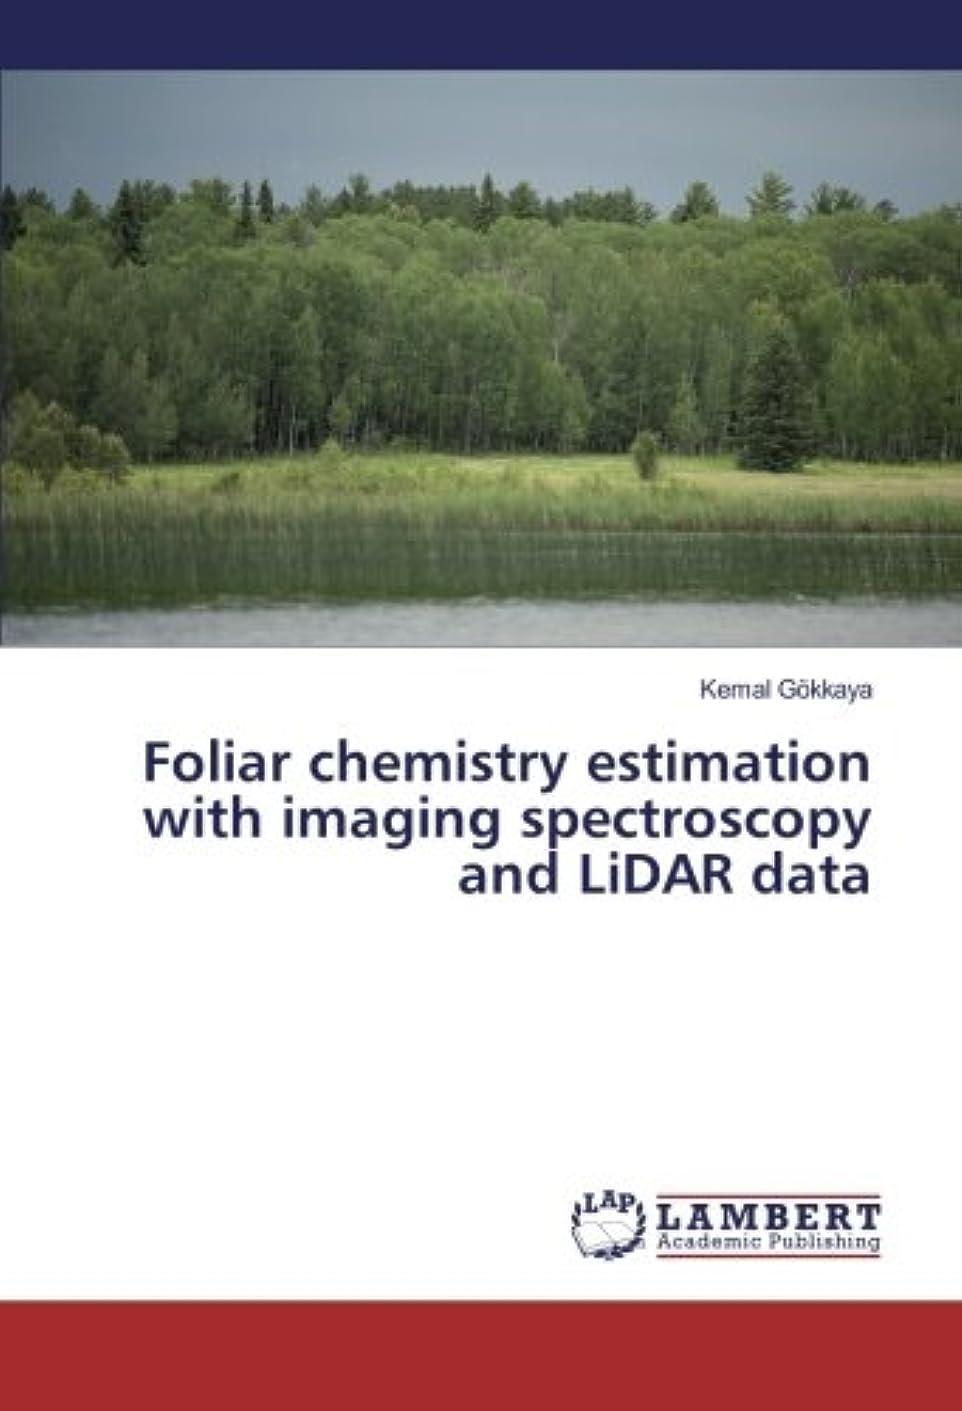 幾分見捨てられた確保するFoliar chemistry estimation with imaging spectroscopy and LiDAR data